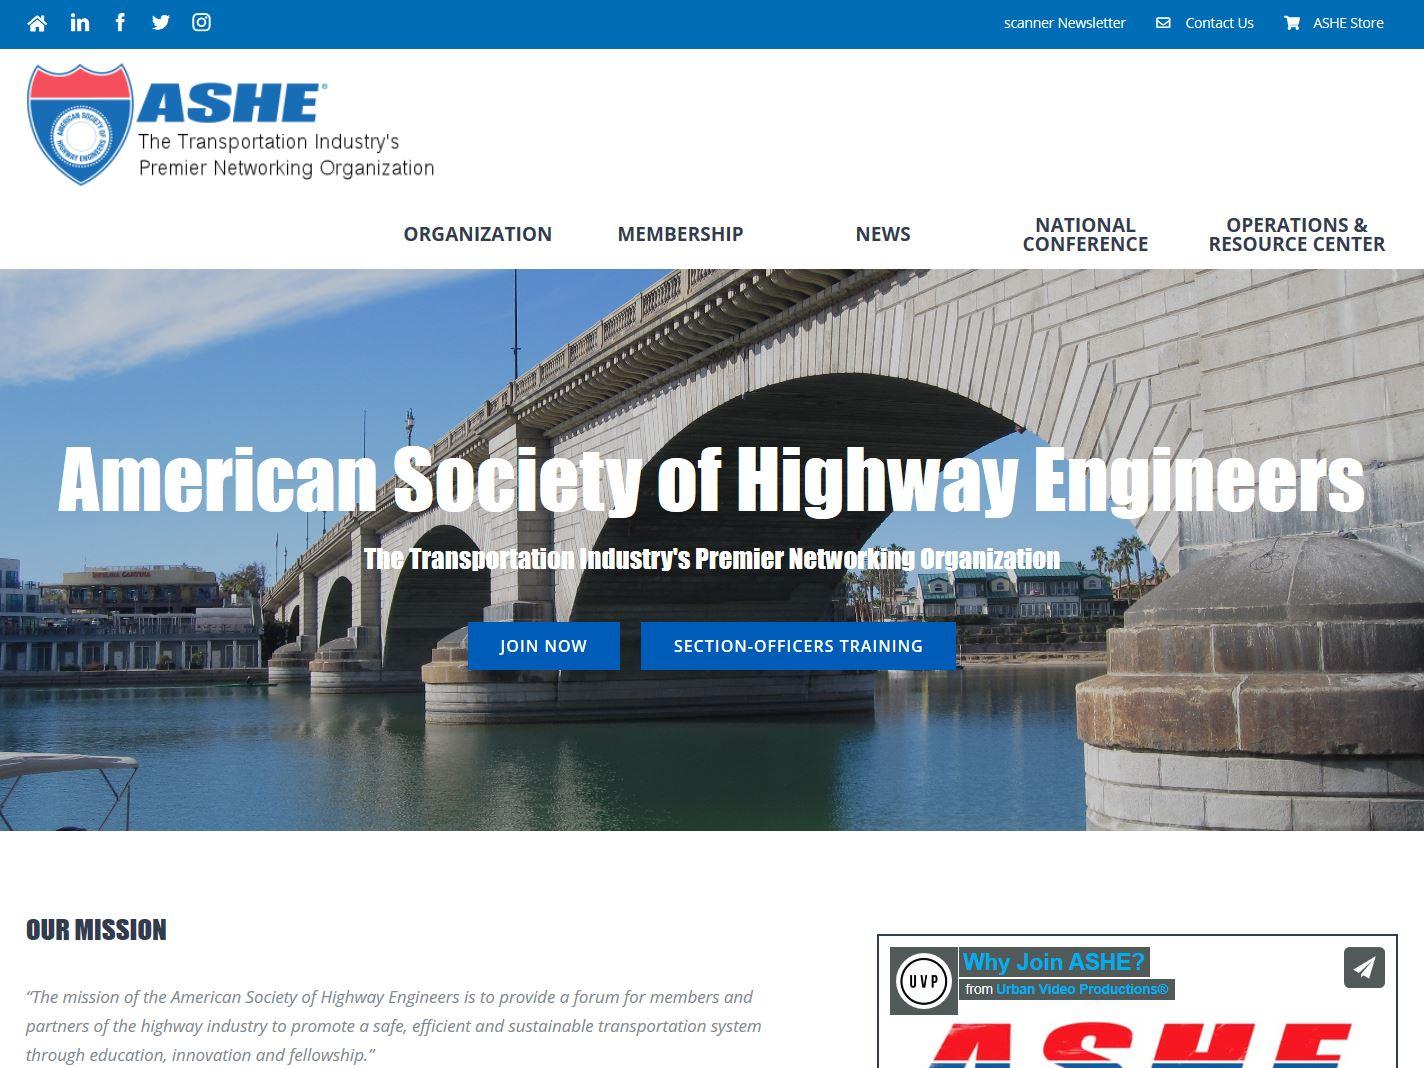 2019 Redeveloped Website